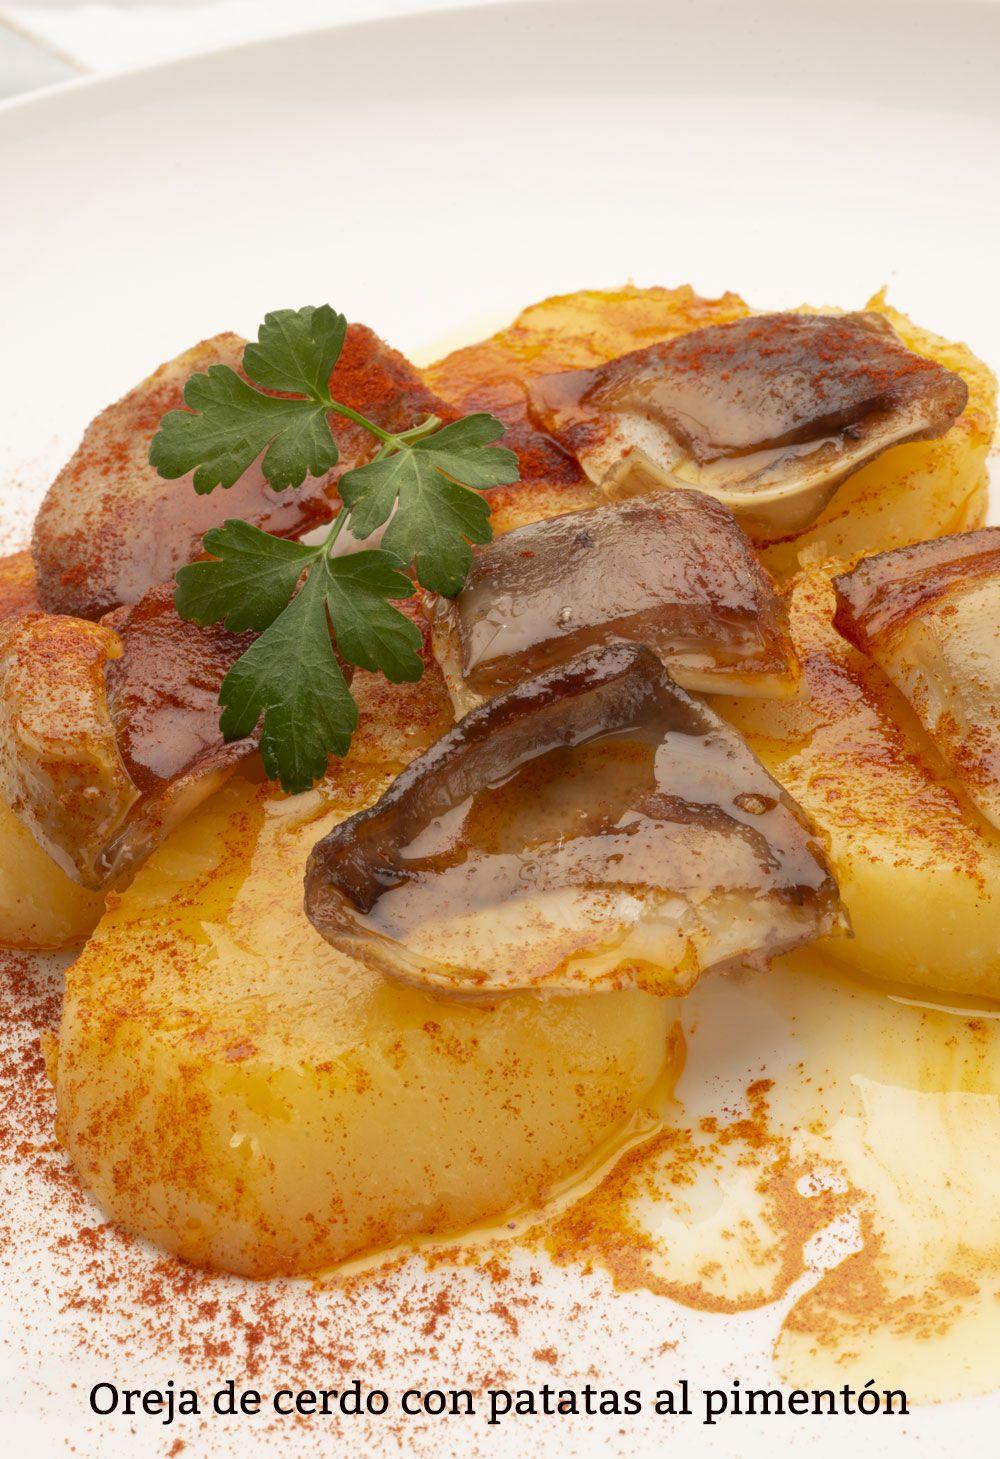 Receta de Oreja de cerdo con patatas al pimentón